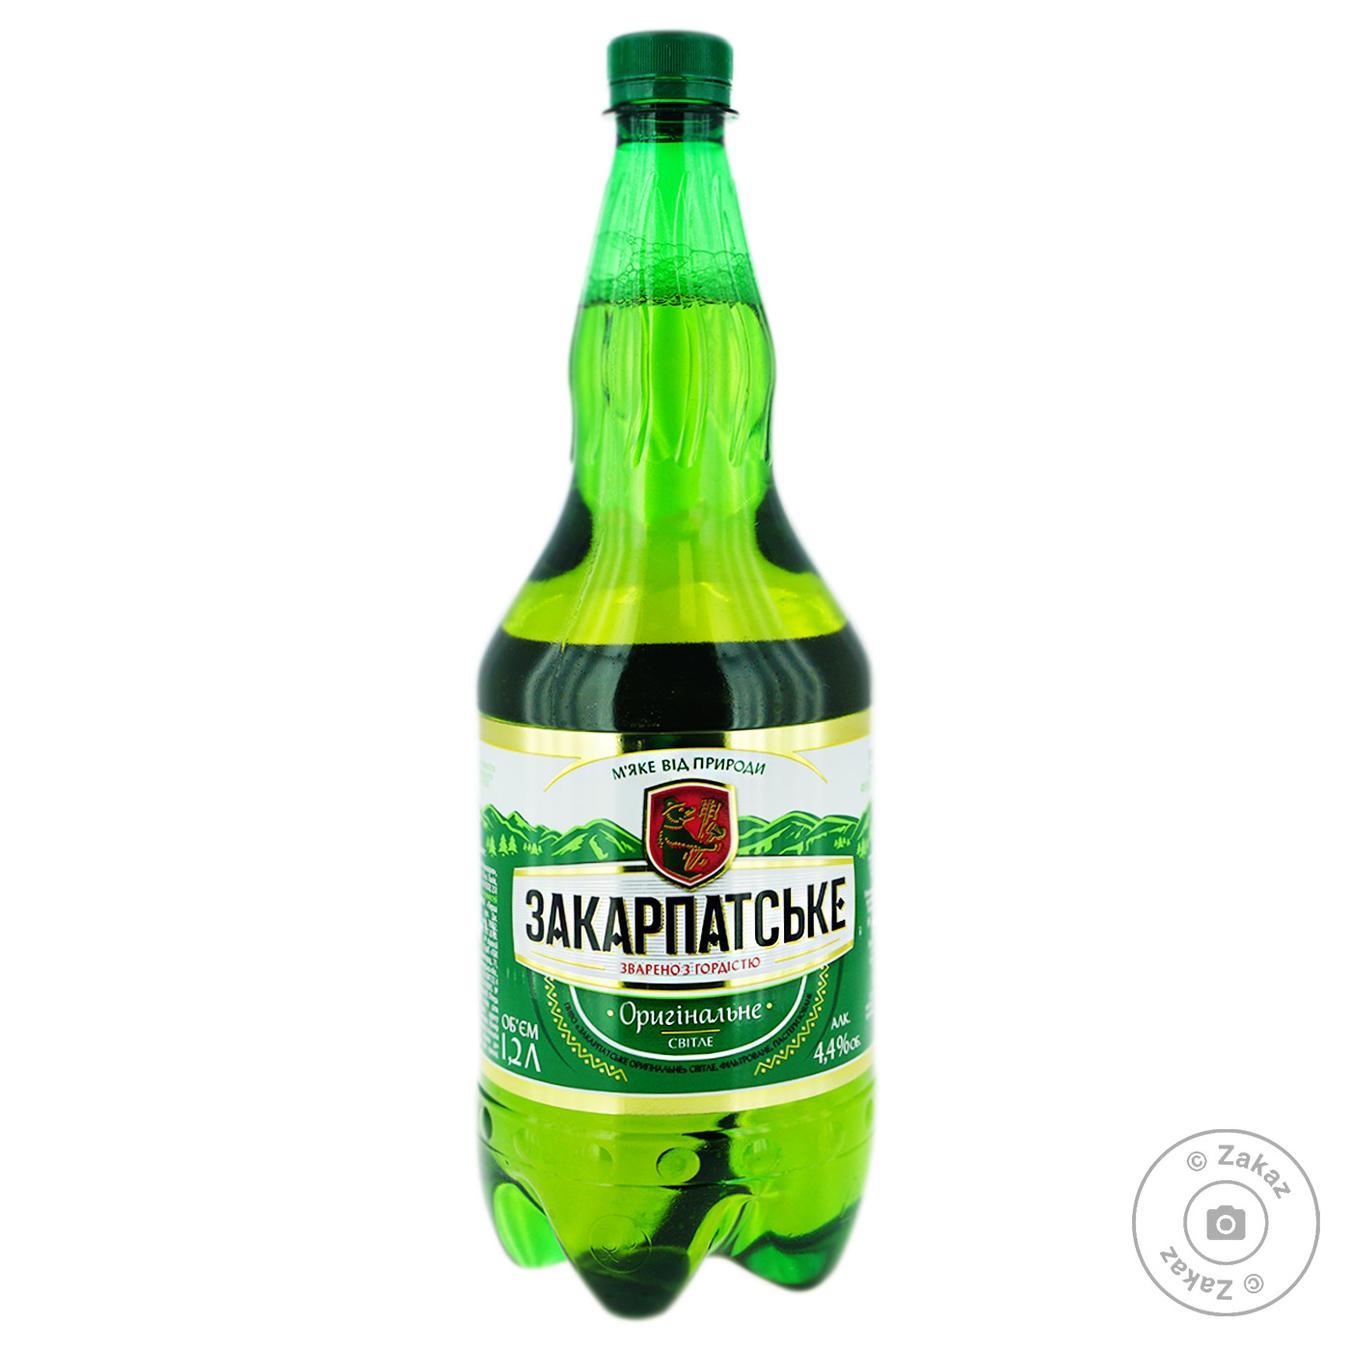 Пиво Перша приватна броварня Закарпатское Оригинальное светлое 4,4% 1,2л